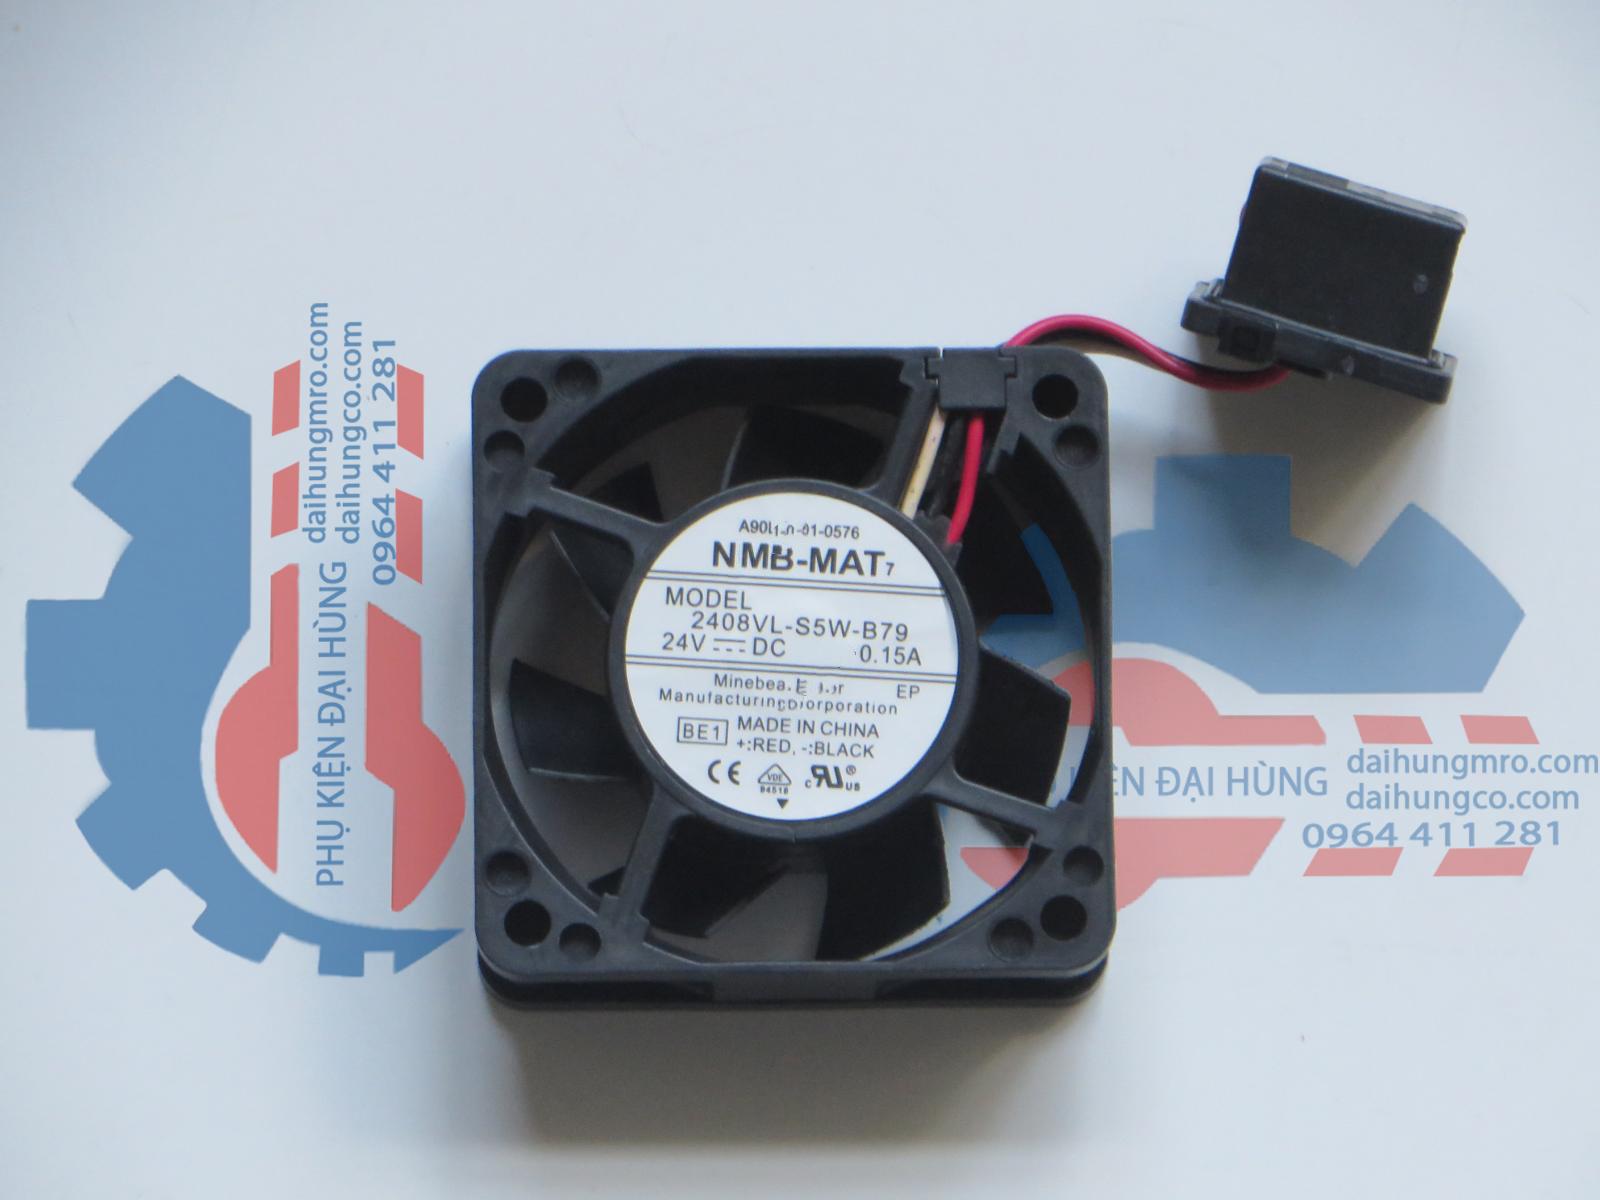 NMB 2408VL-S5W-B79 24V 0.15A